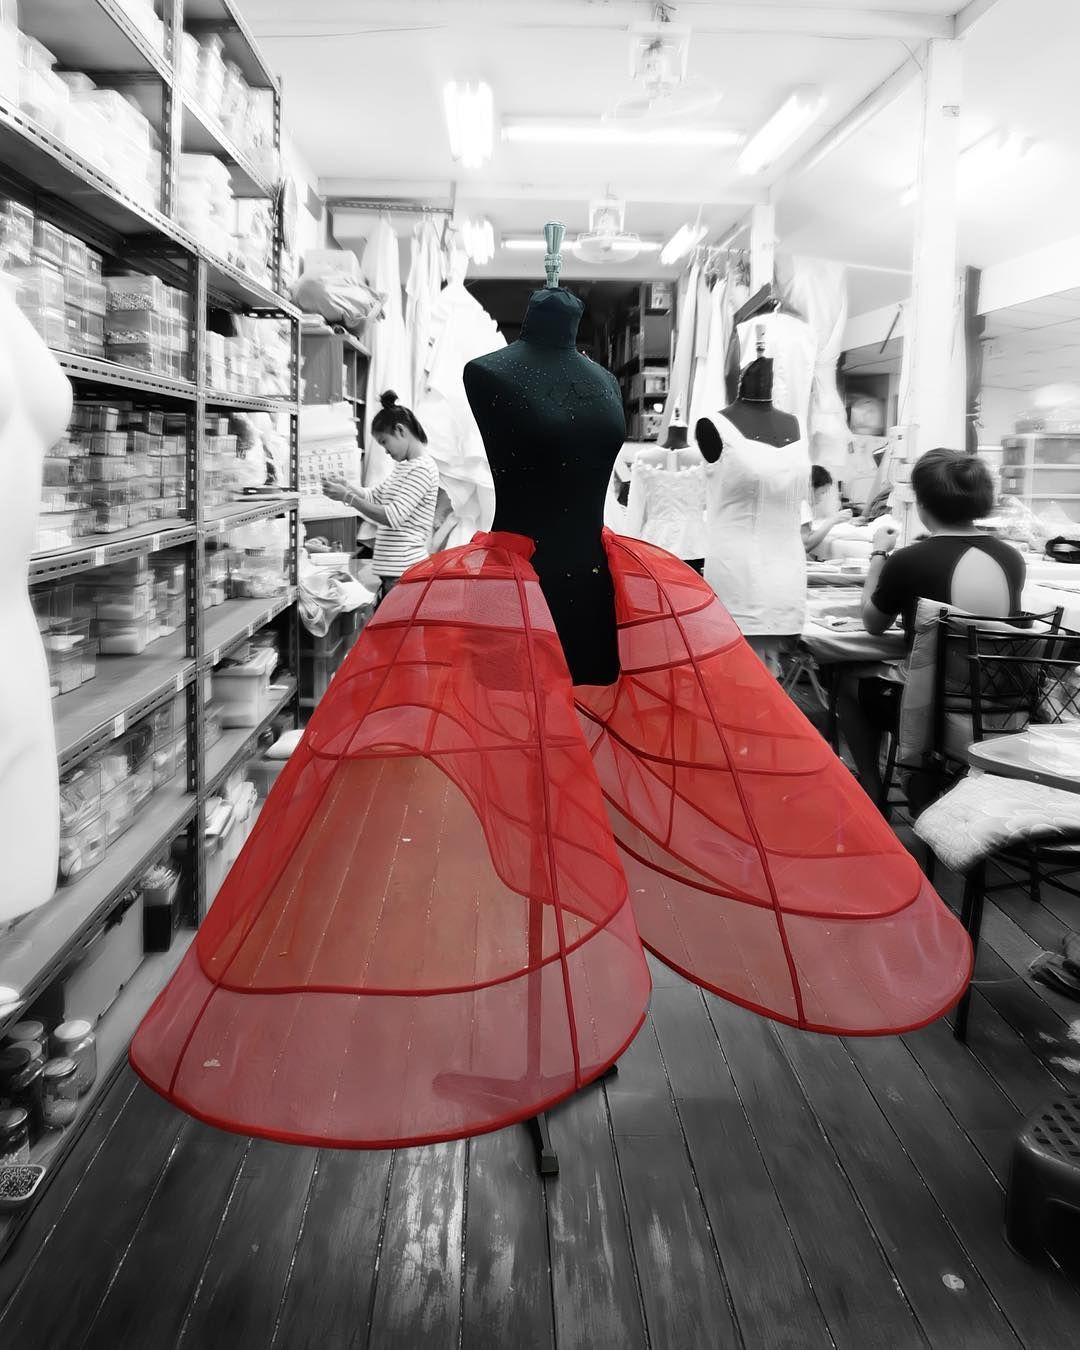 Mode De Luxe, Dentelle Blanche, Toile De Coton, Haute Couture, Atelier  Créatif 611a0cd4638e